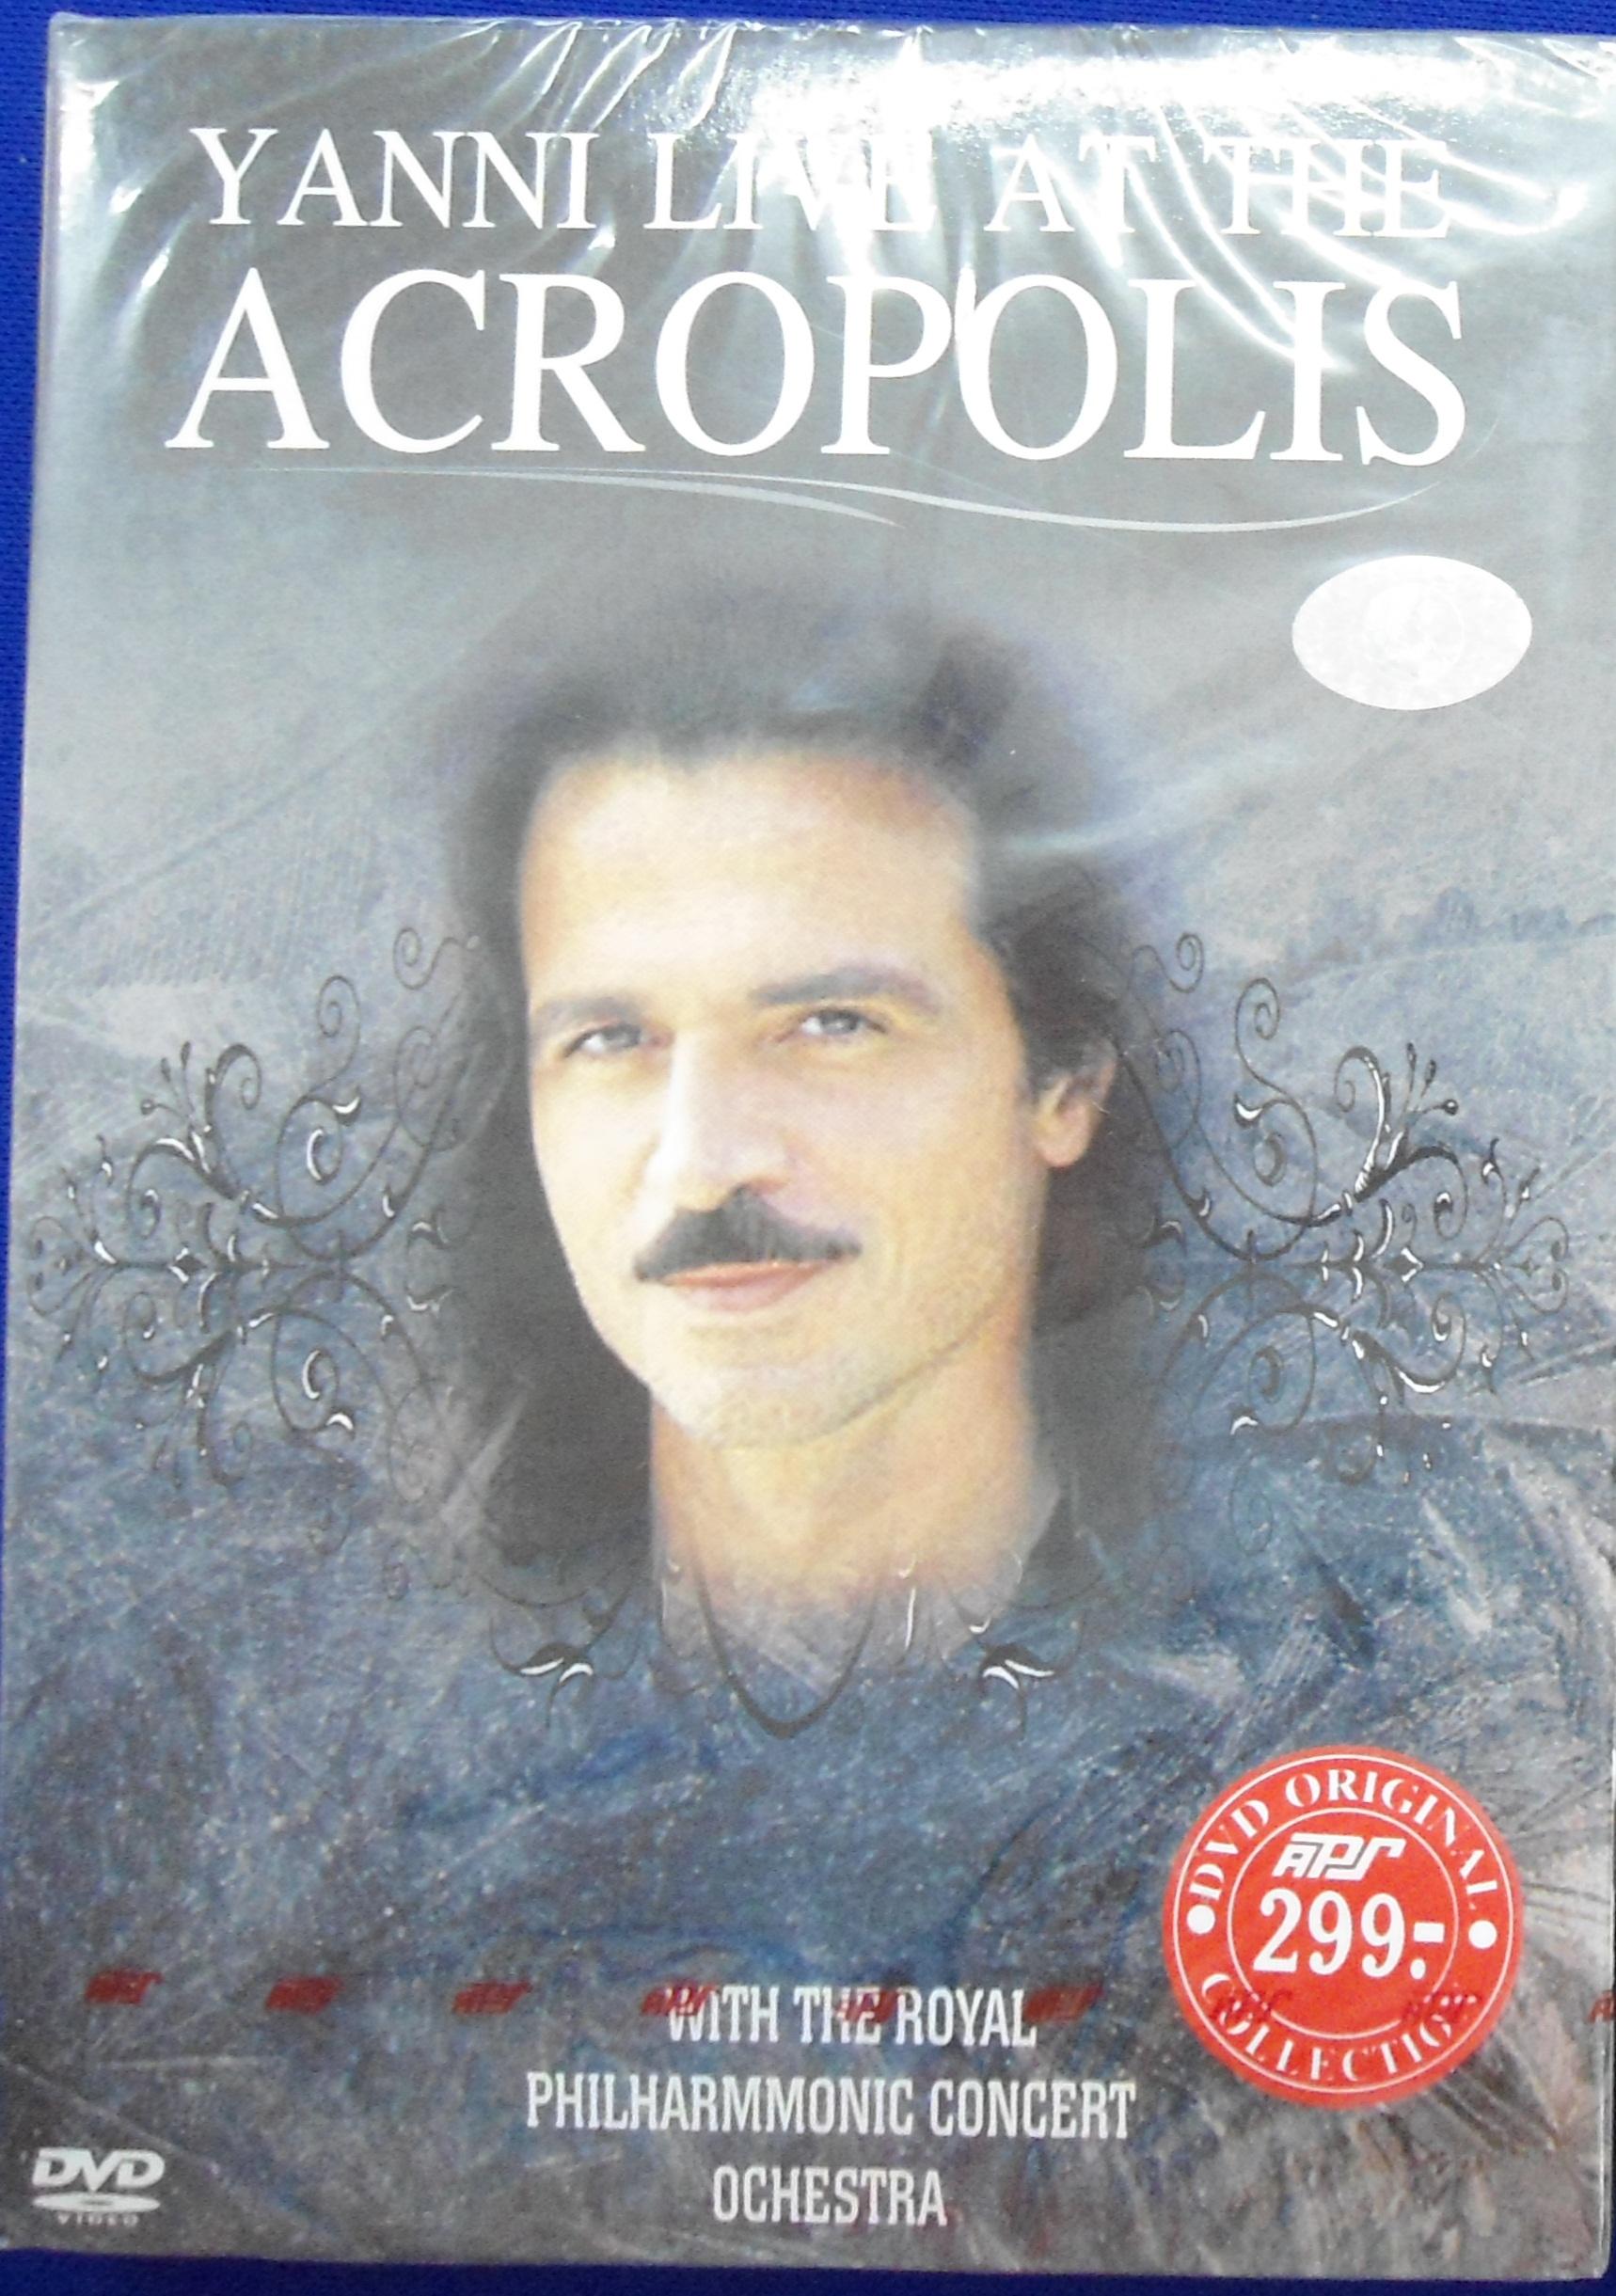 DVD Concert Yanni live at the acropolis